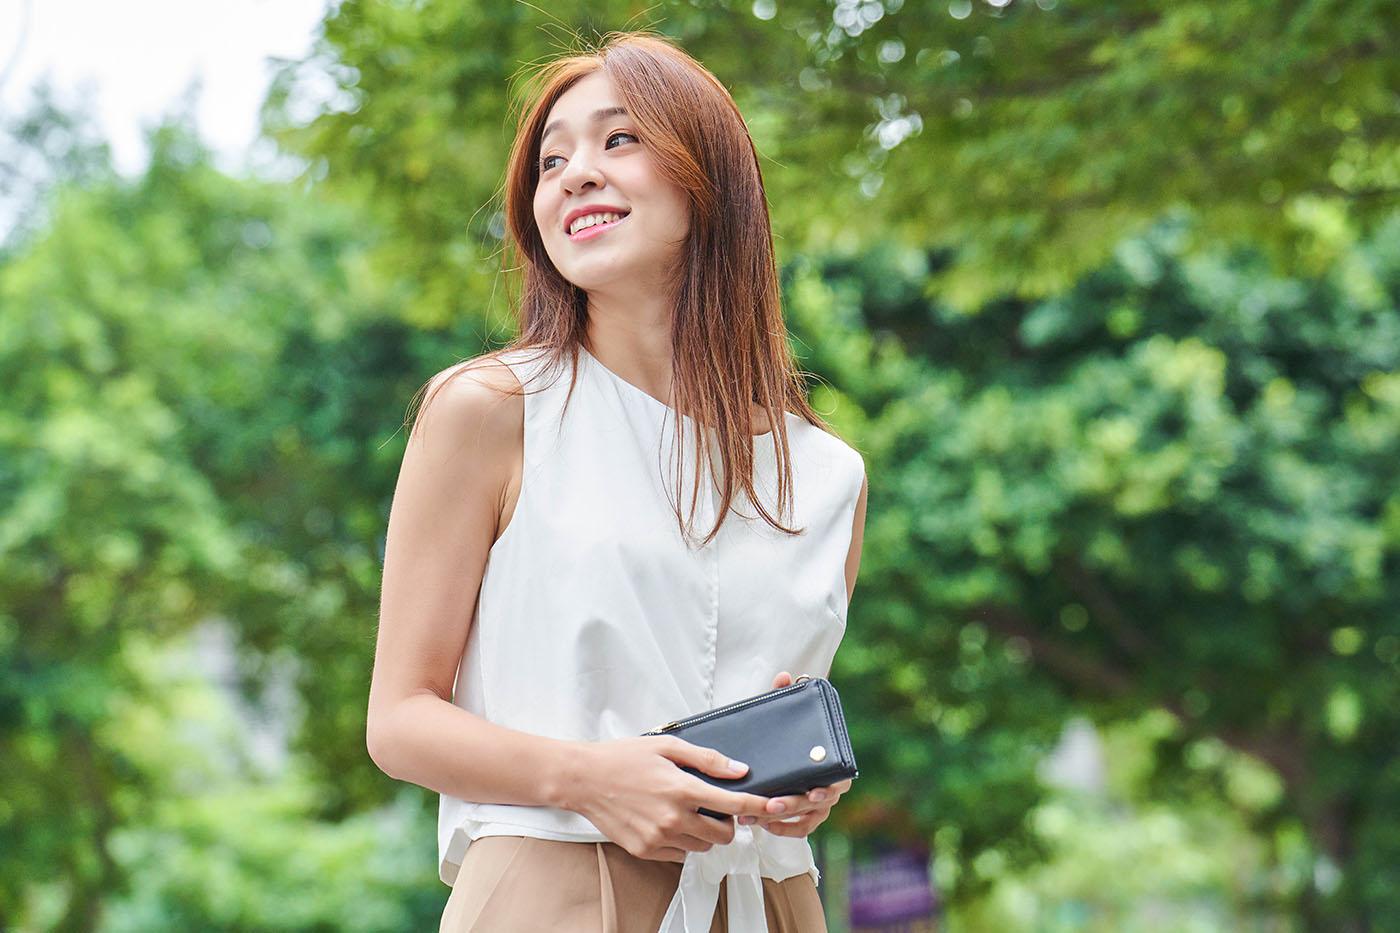 透過 SnapTo 磁吸設計,搭配 SnapTo Crossbody Wallet磁吸式斜背三用手機包,在不搭配背帶使用時,做為手拿包也很適合。